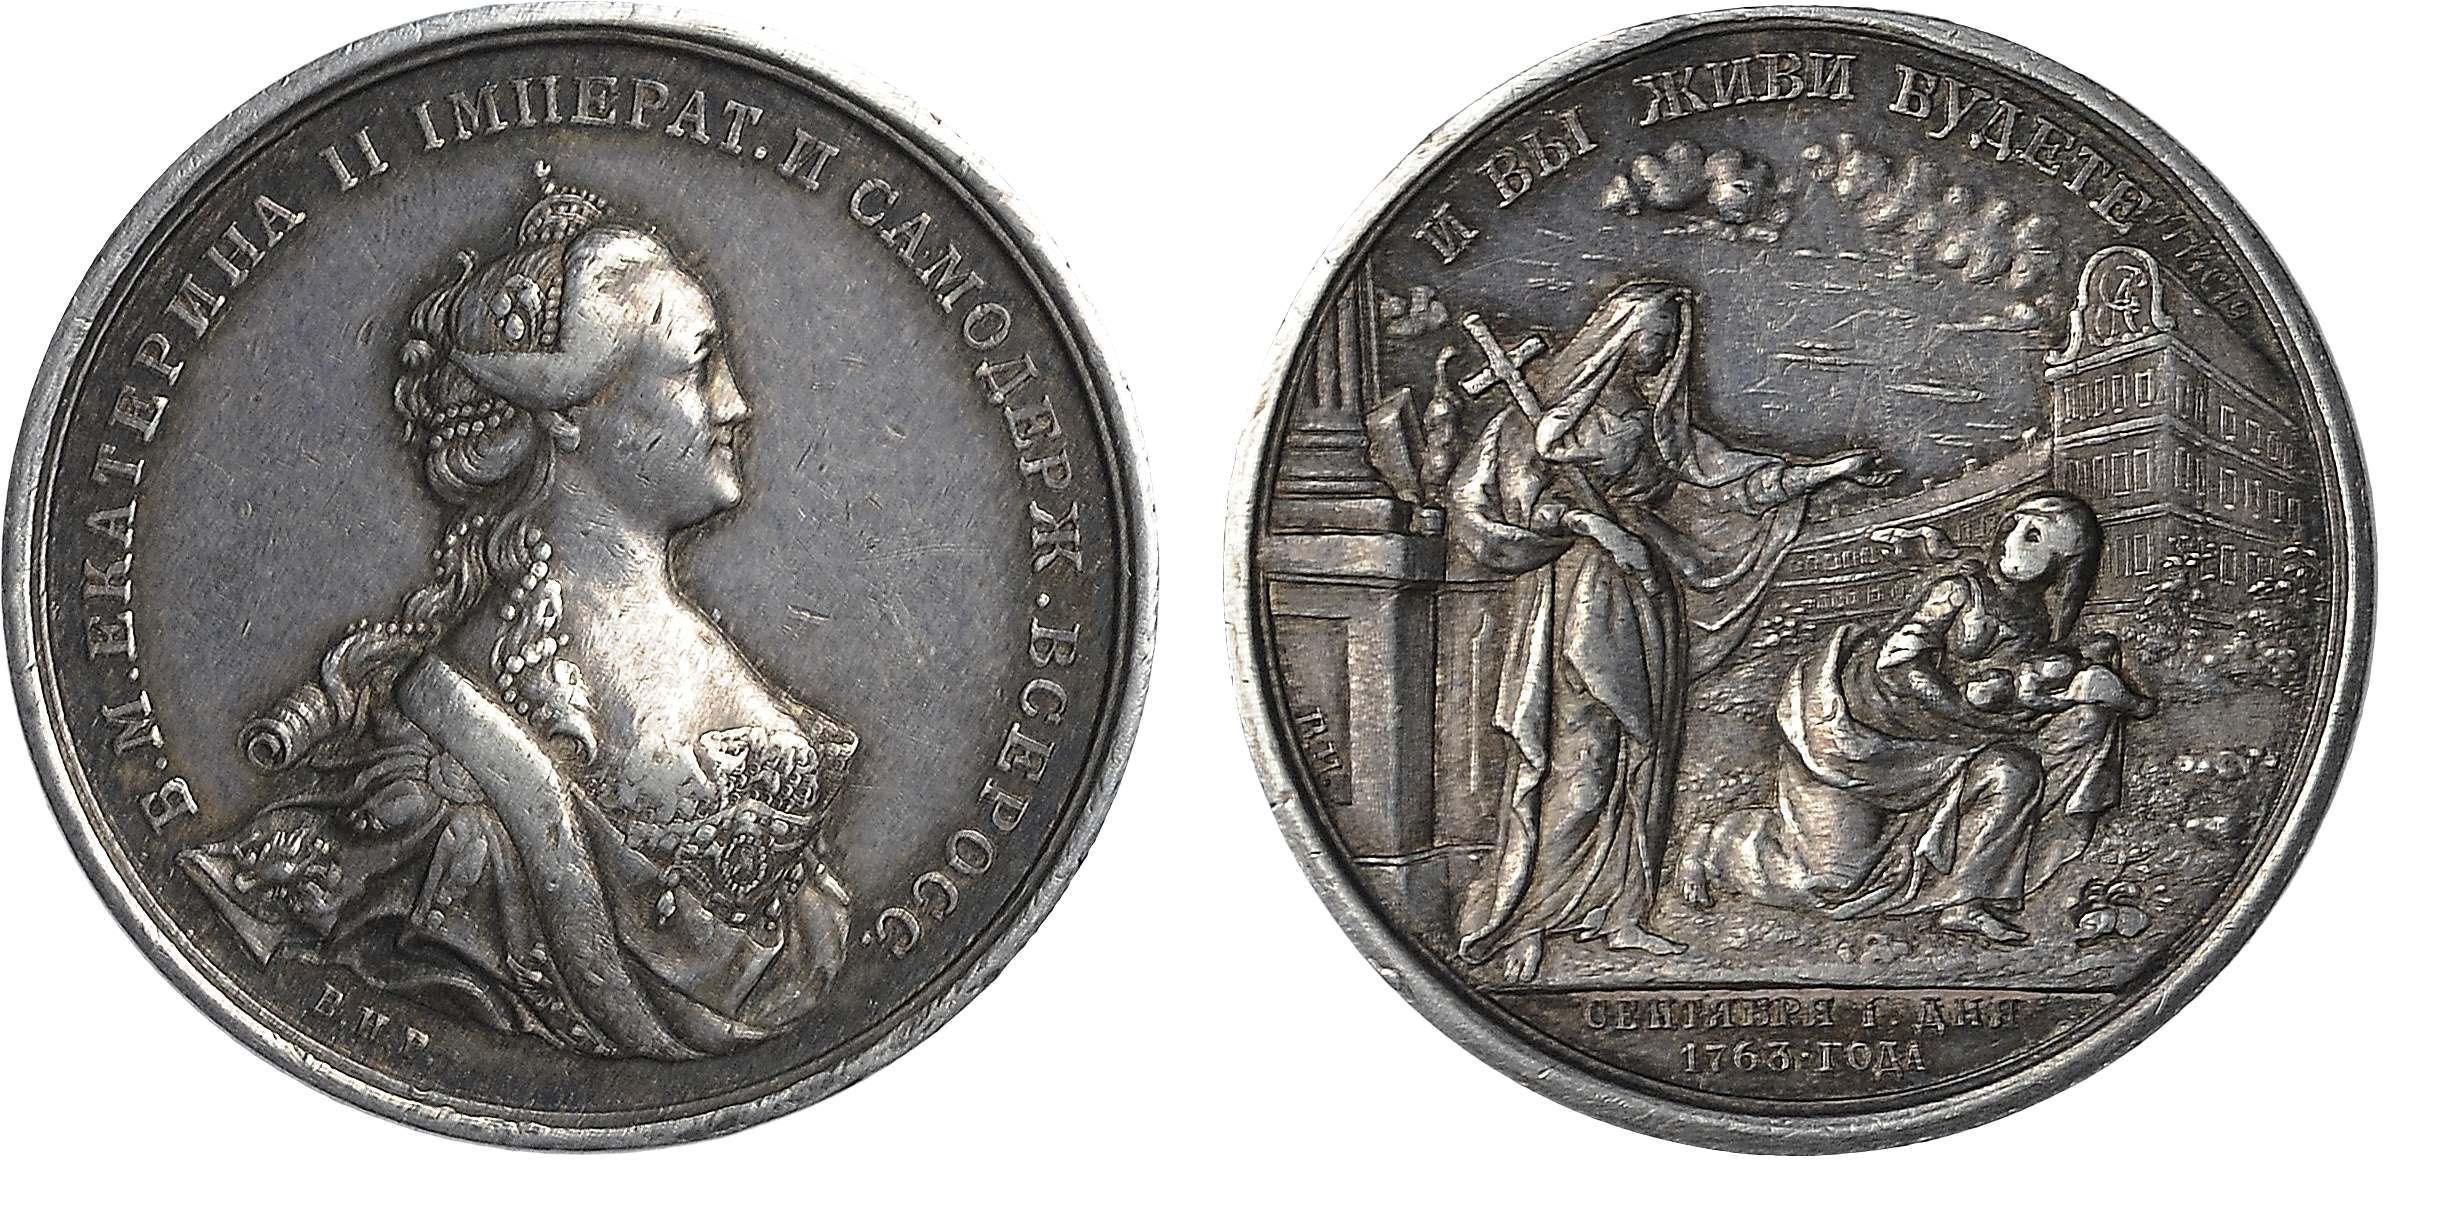 Наградная медаль Воспитательного дома. 1887